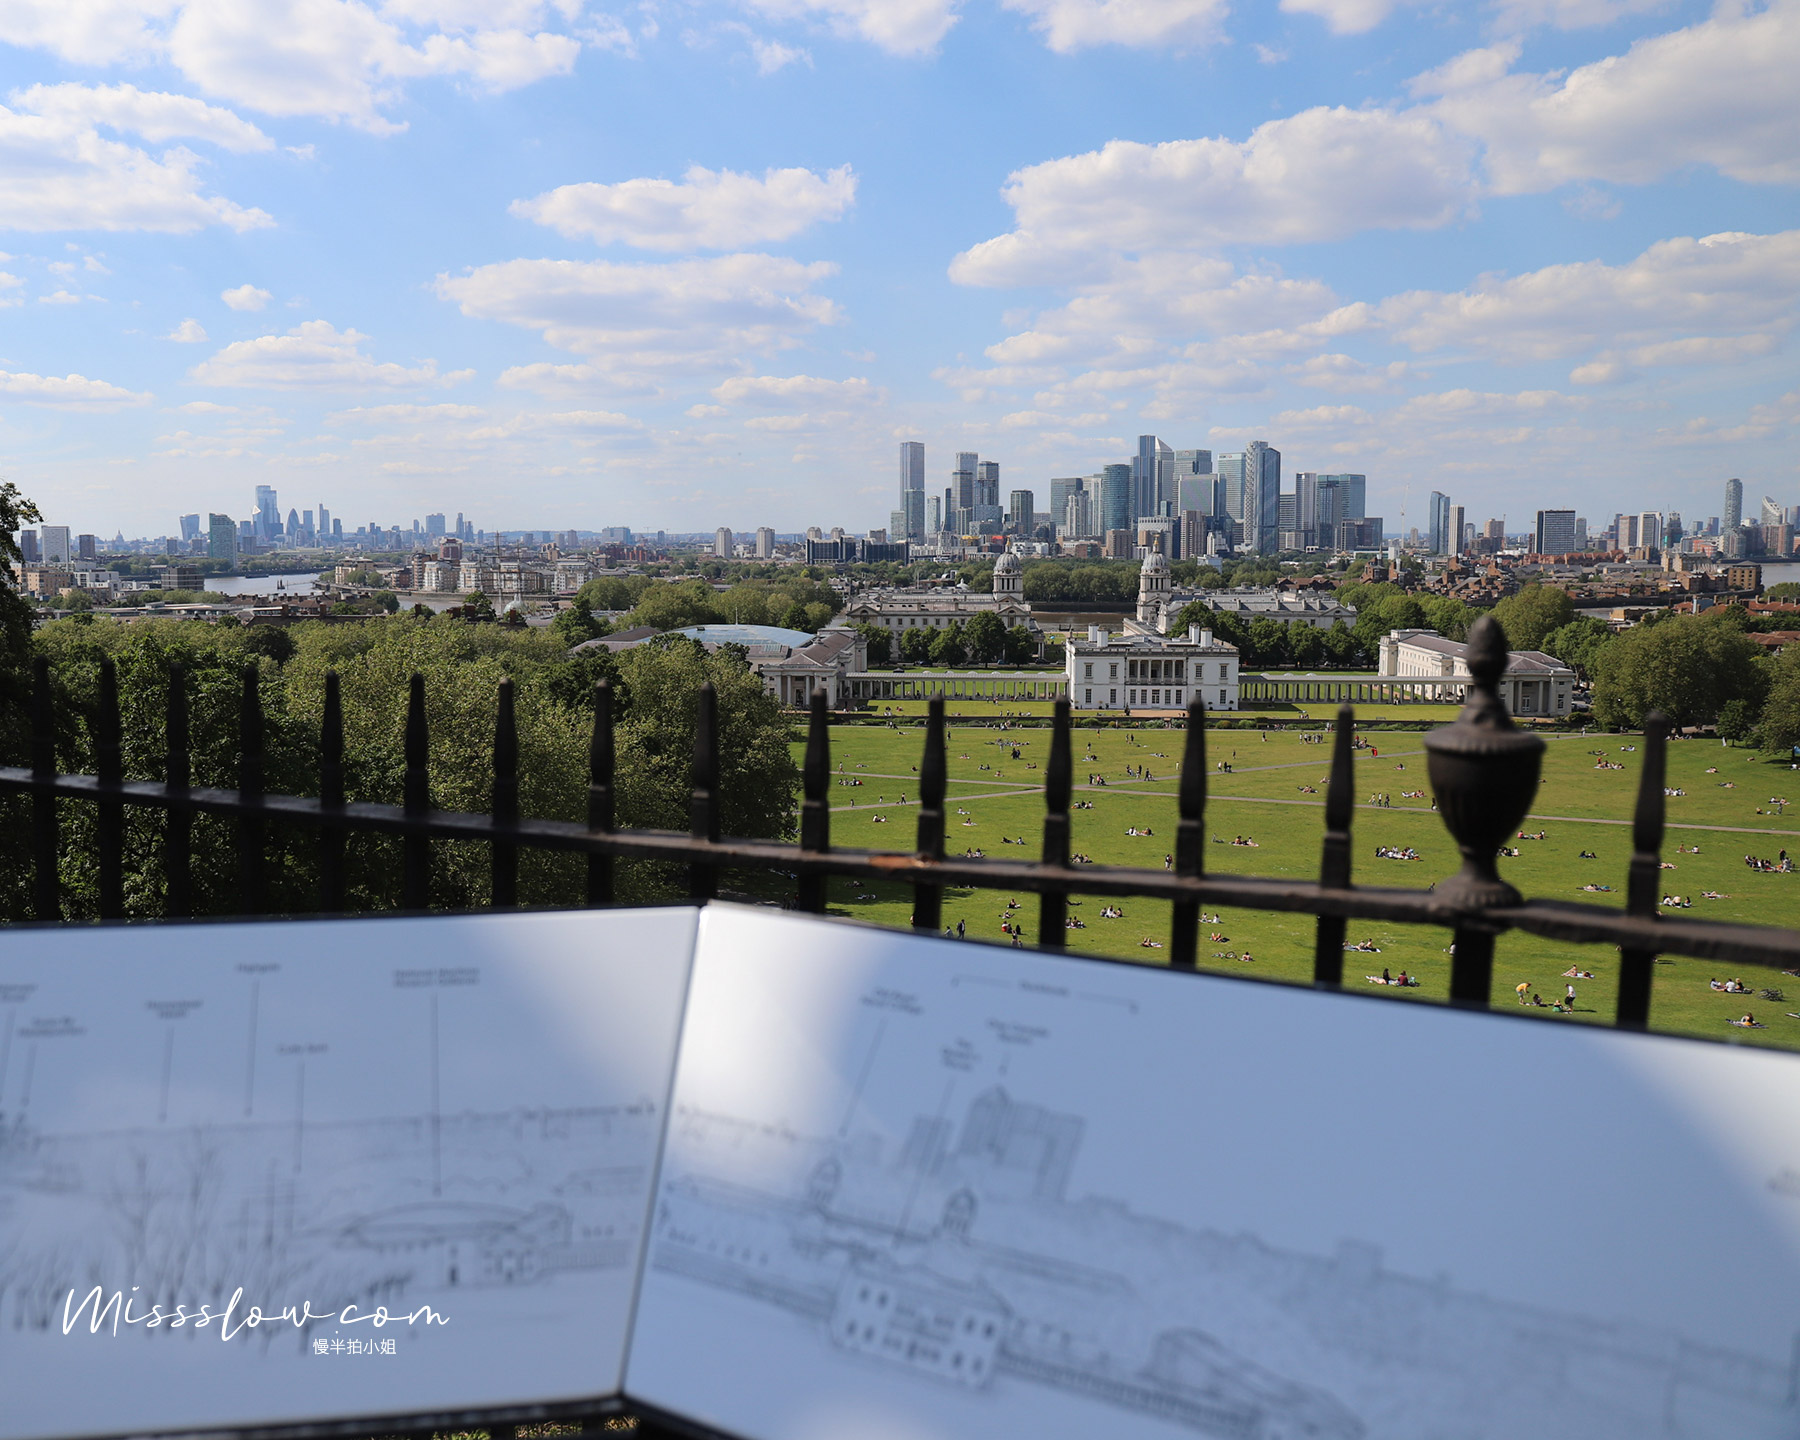 格林威治皇家天文台-中庭廣場看到泰晤士河北岸的眾多建築物,景色好壯觀!